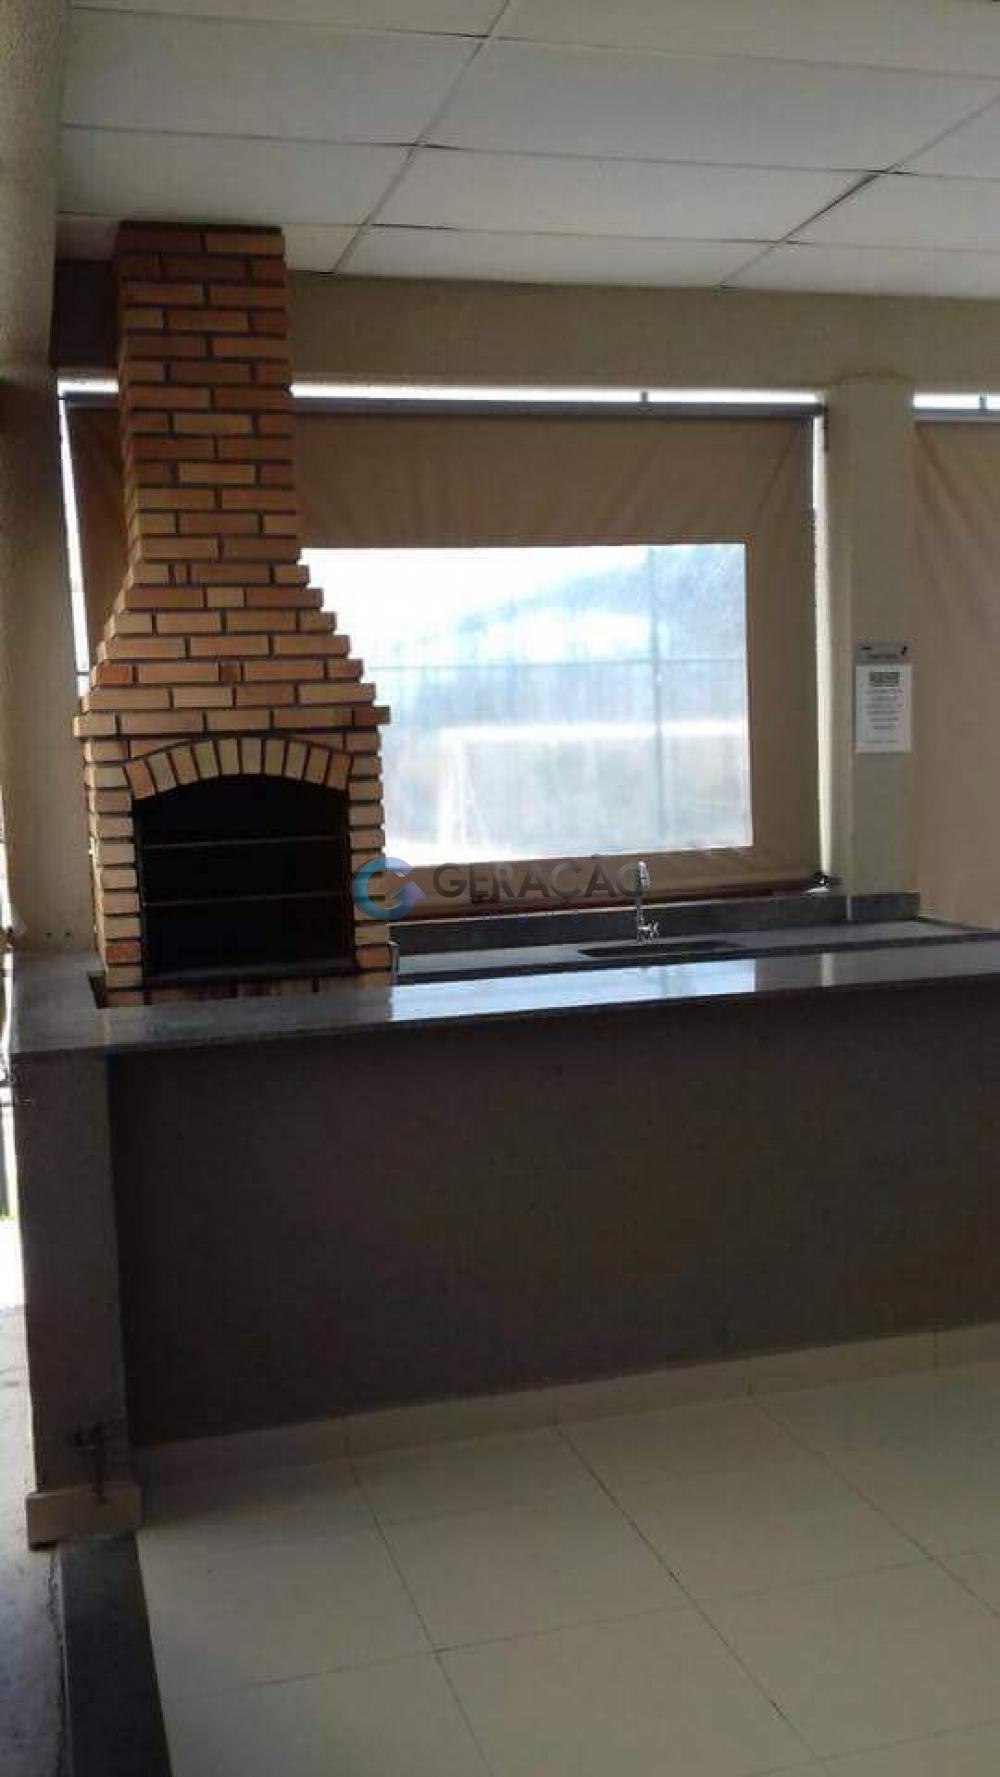 Comprar Apartamento / Padrão em São José dos Campos R$ 182.000,00 - Foto 17